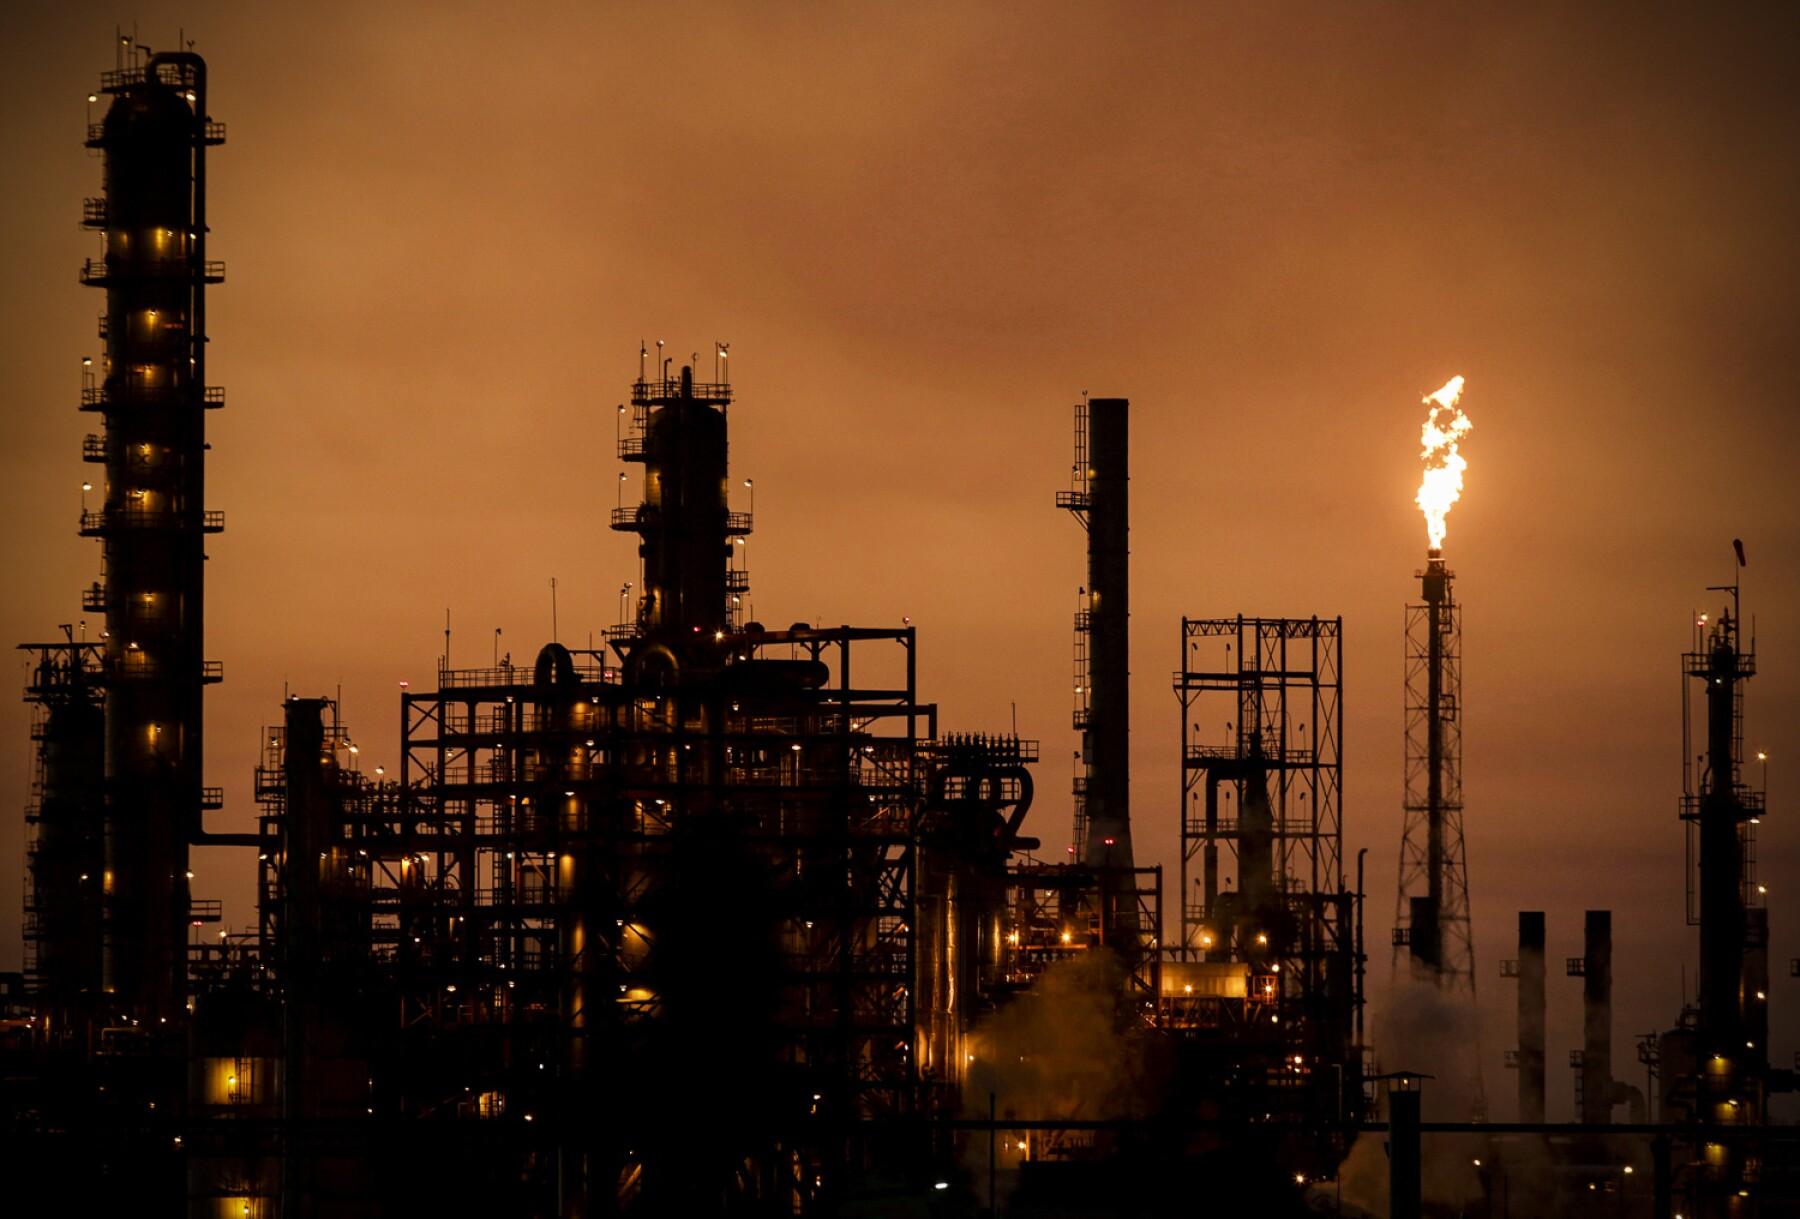 producción petrolera - petróleo - energía